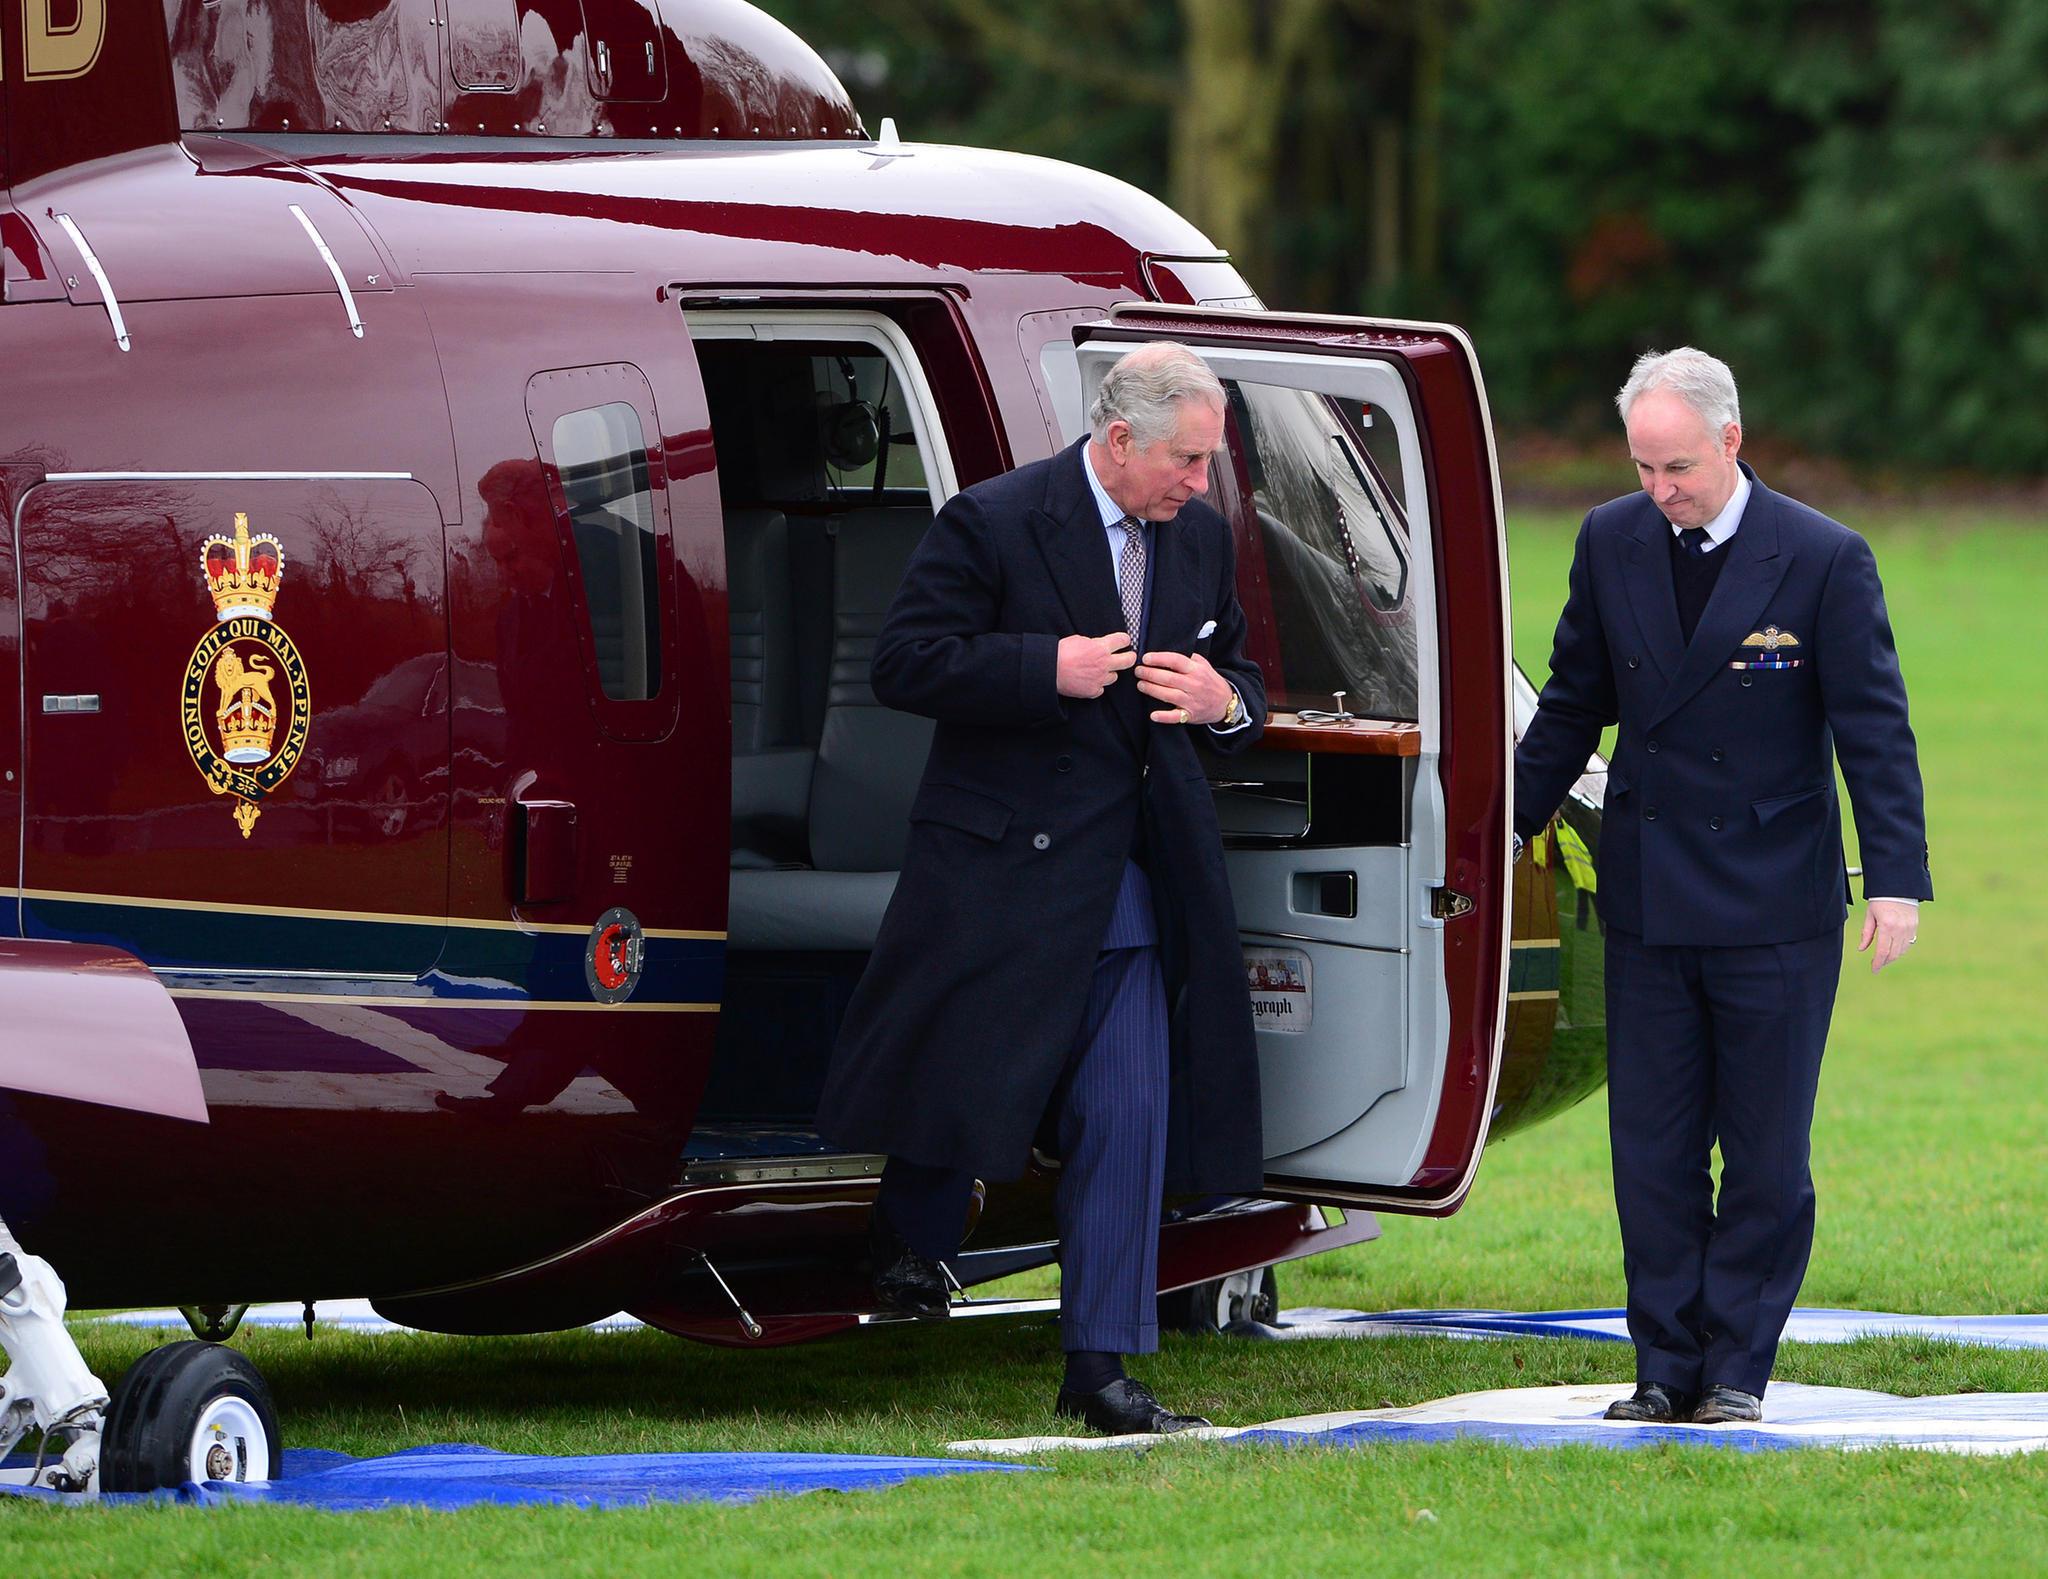 Bis zu 14 Angestellte begleiten Charles auf Reisen. Besonders gern nutzt er den royalen Helikopter als Verkehrsmittel